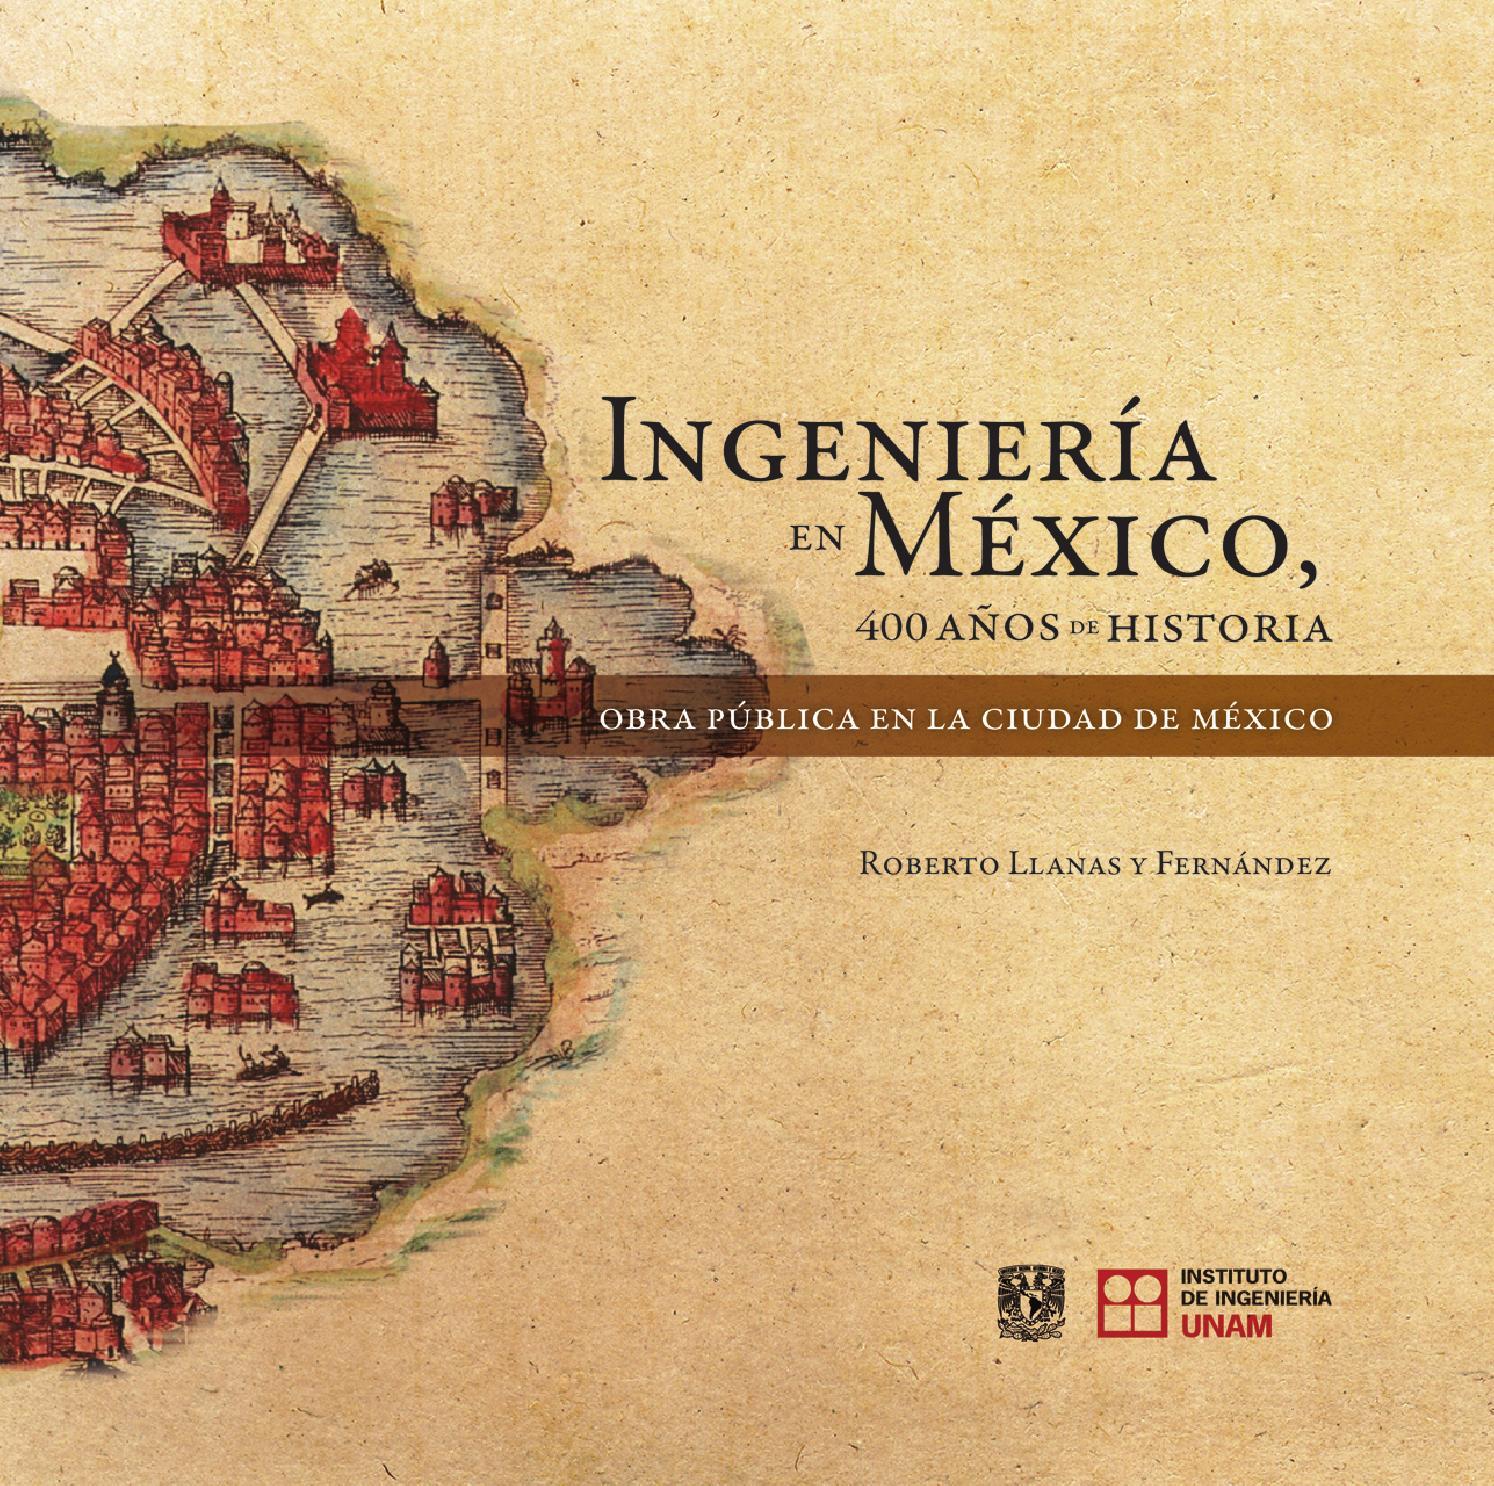 Ingenieriaenmexico by CICEPAC Puebla - issuu